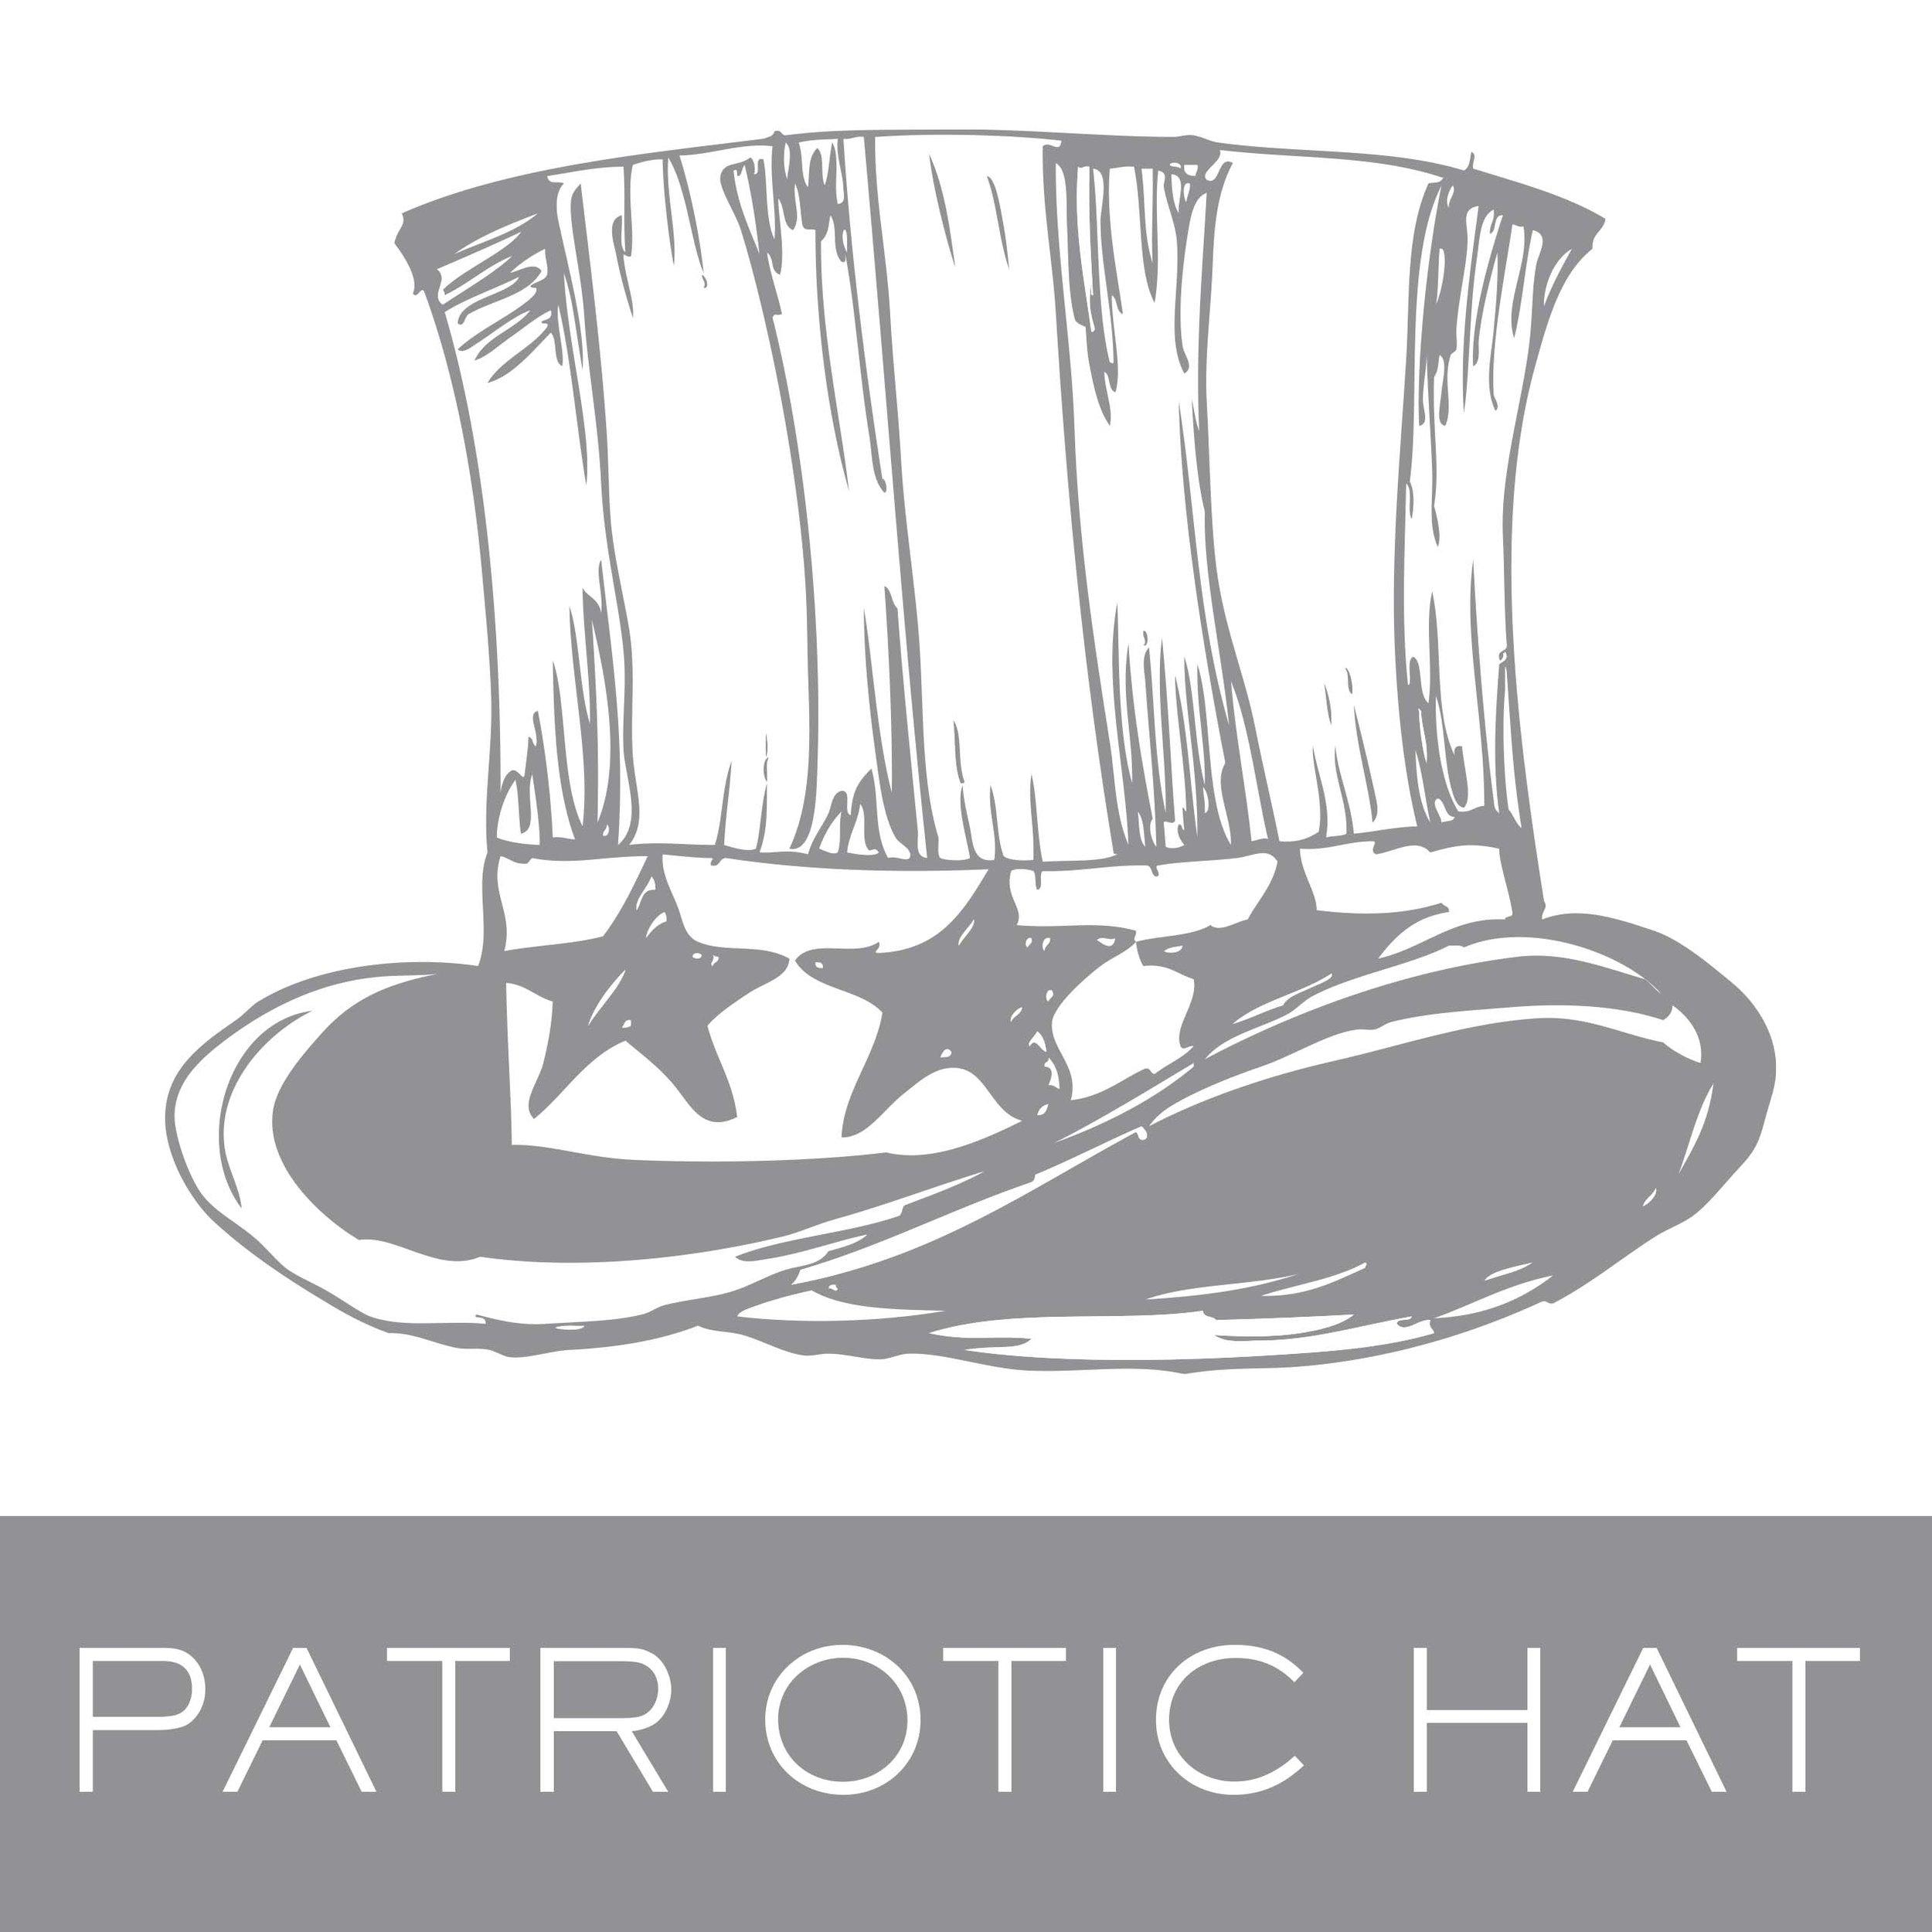 patriotichat.jpg